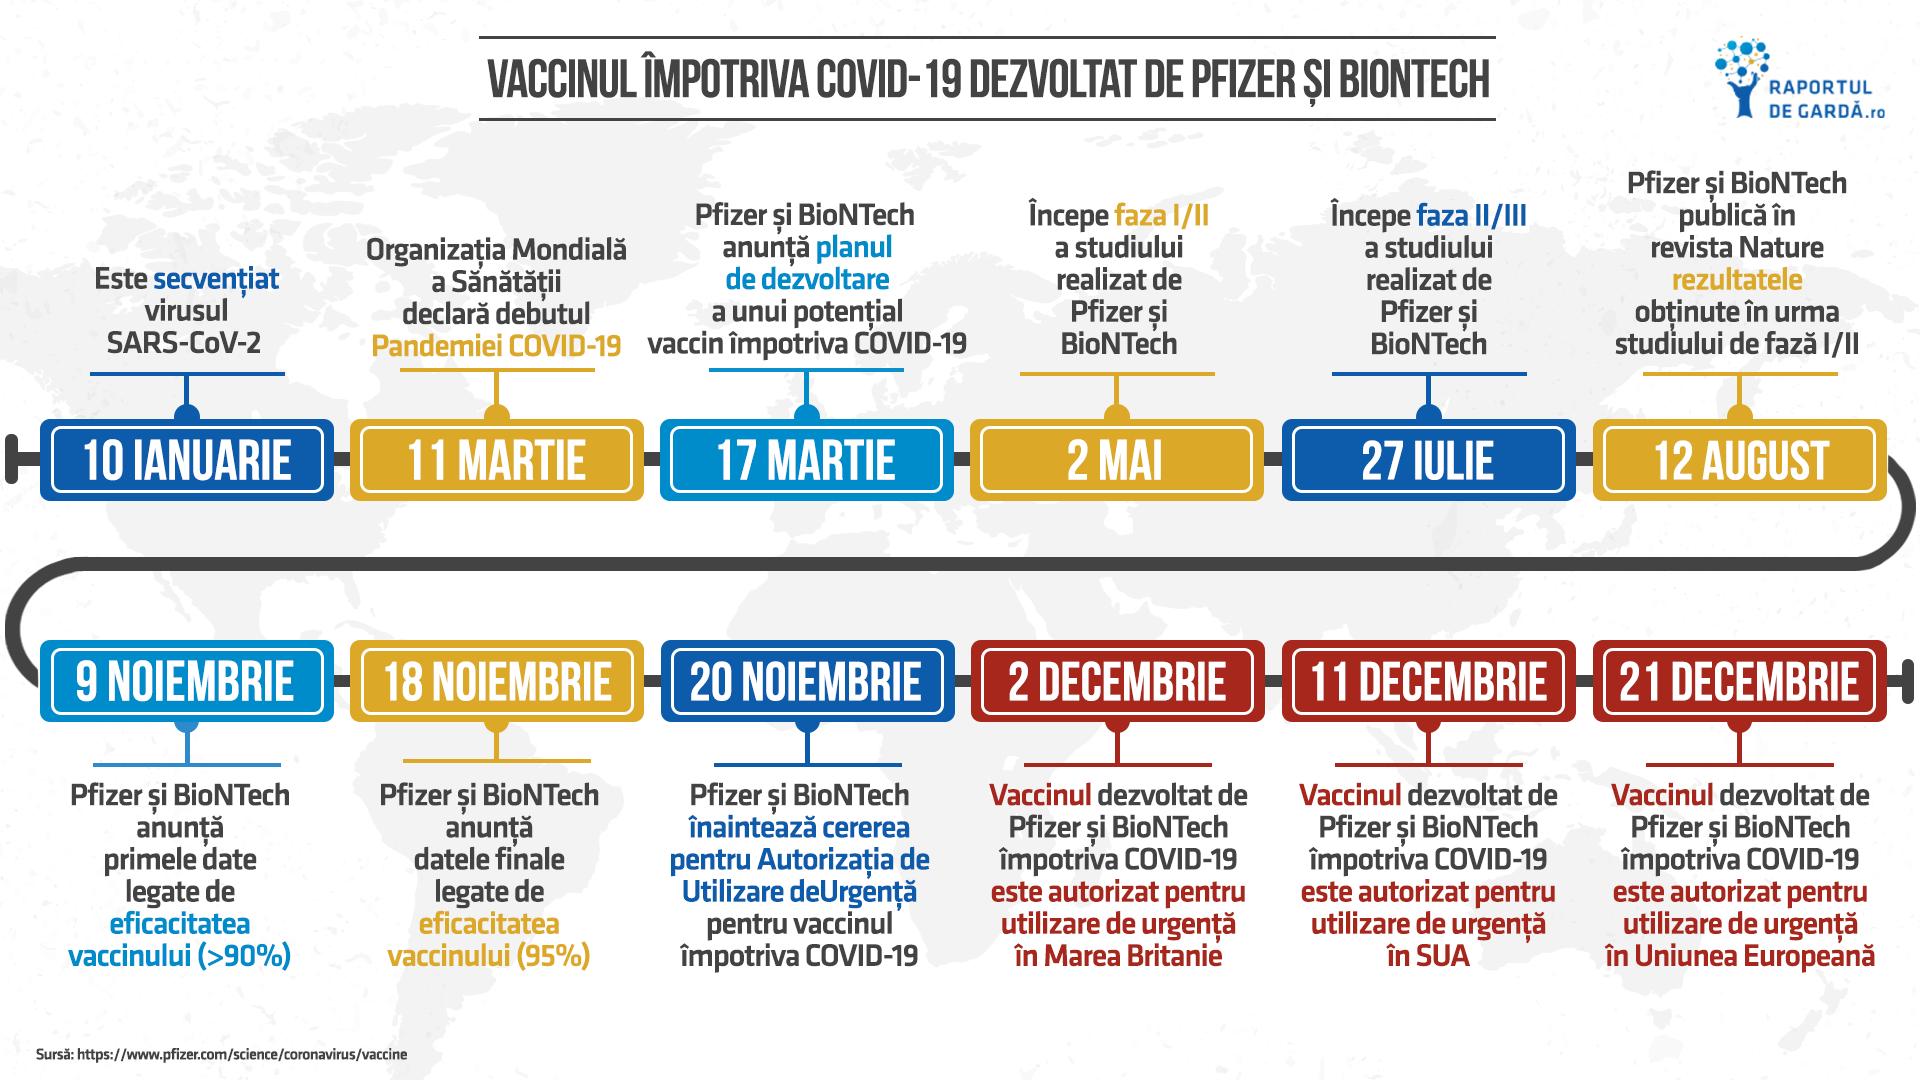 Aprobare vaccin Pfizer BioNTech în UE